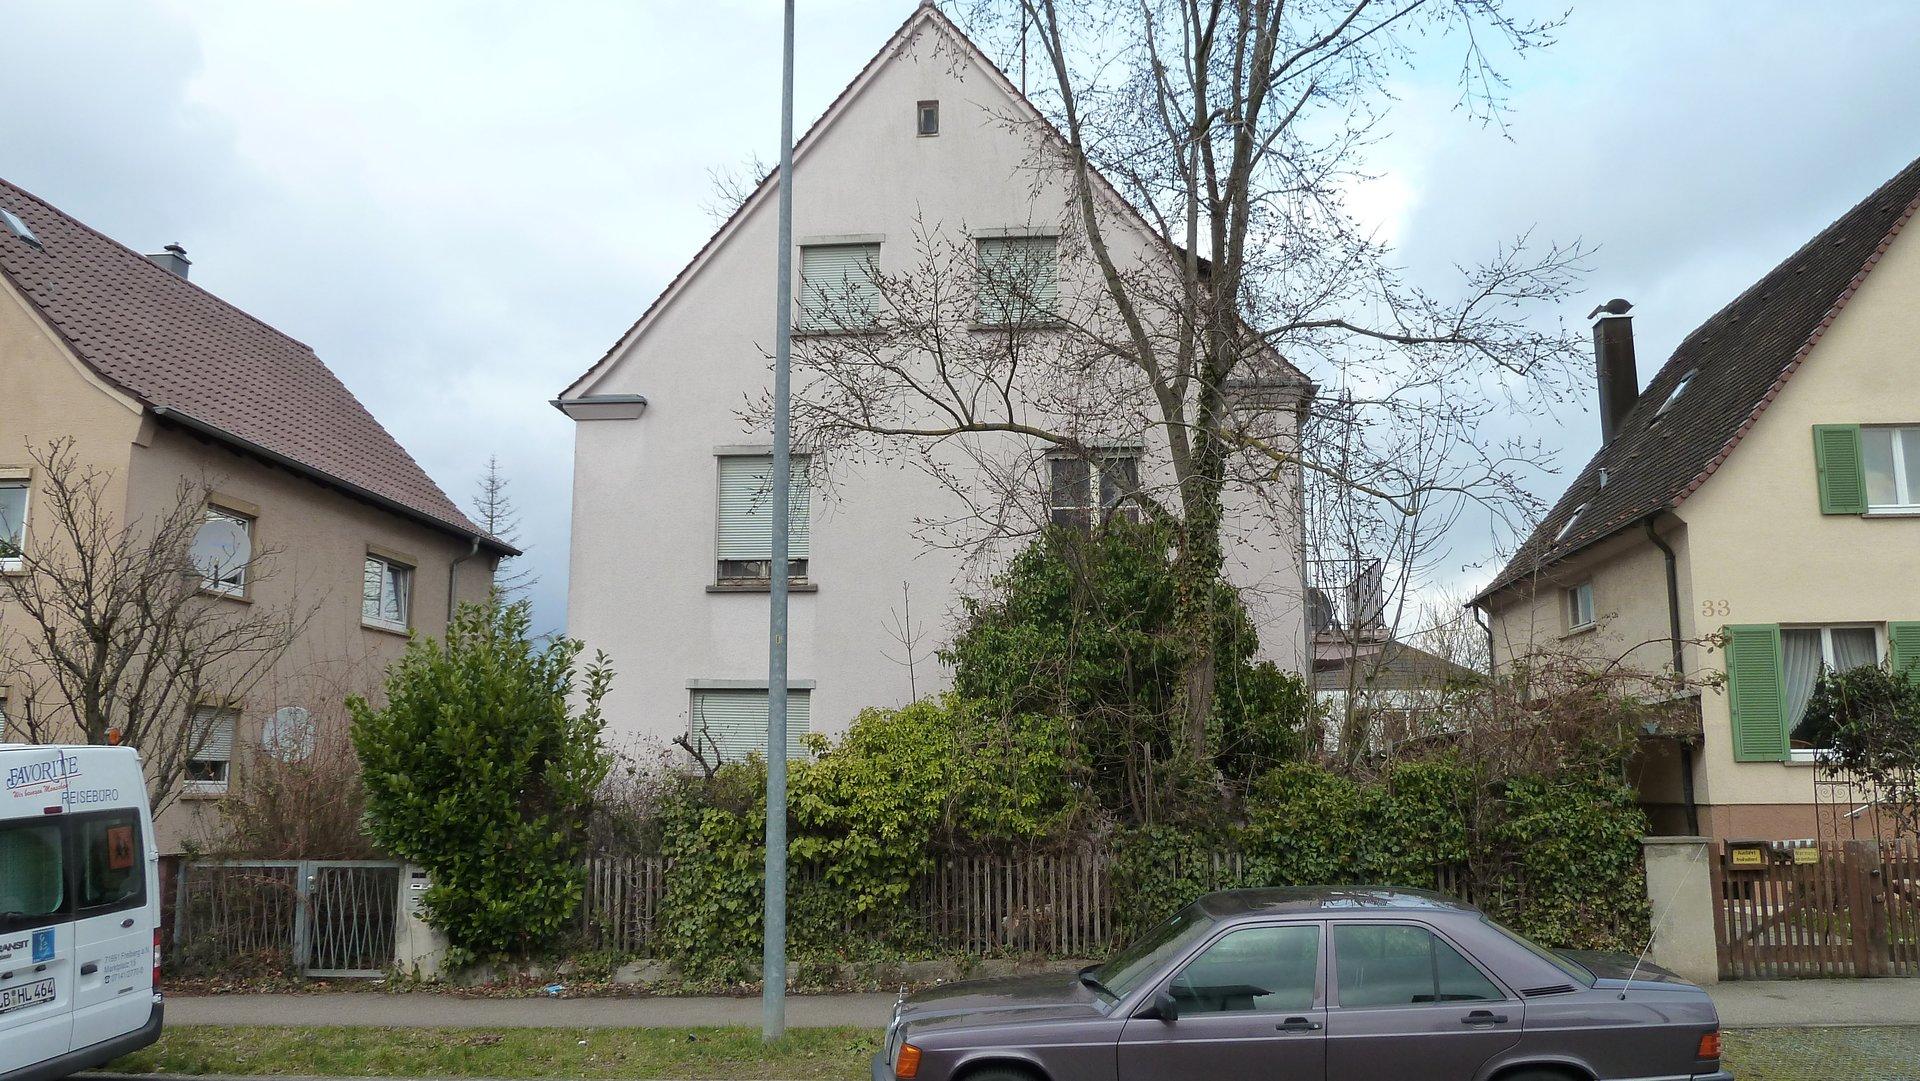 Haus zum Kauf in Ludwigsburg verkauft durch Lechner